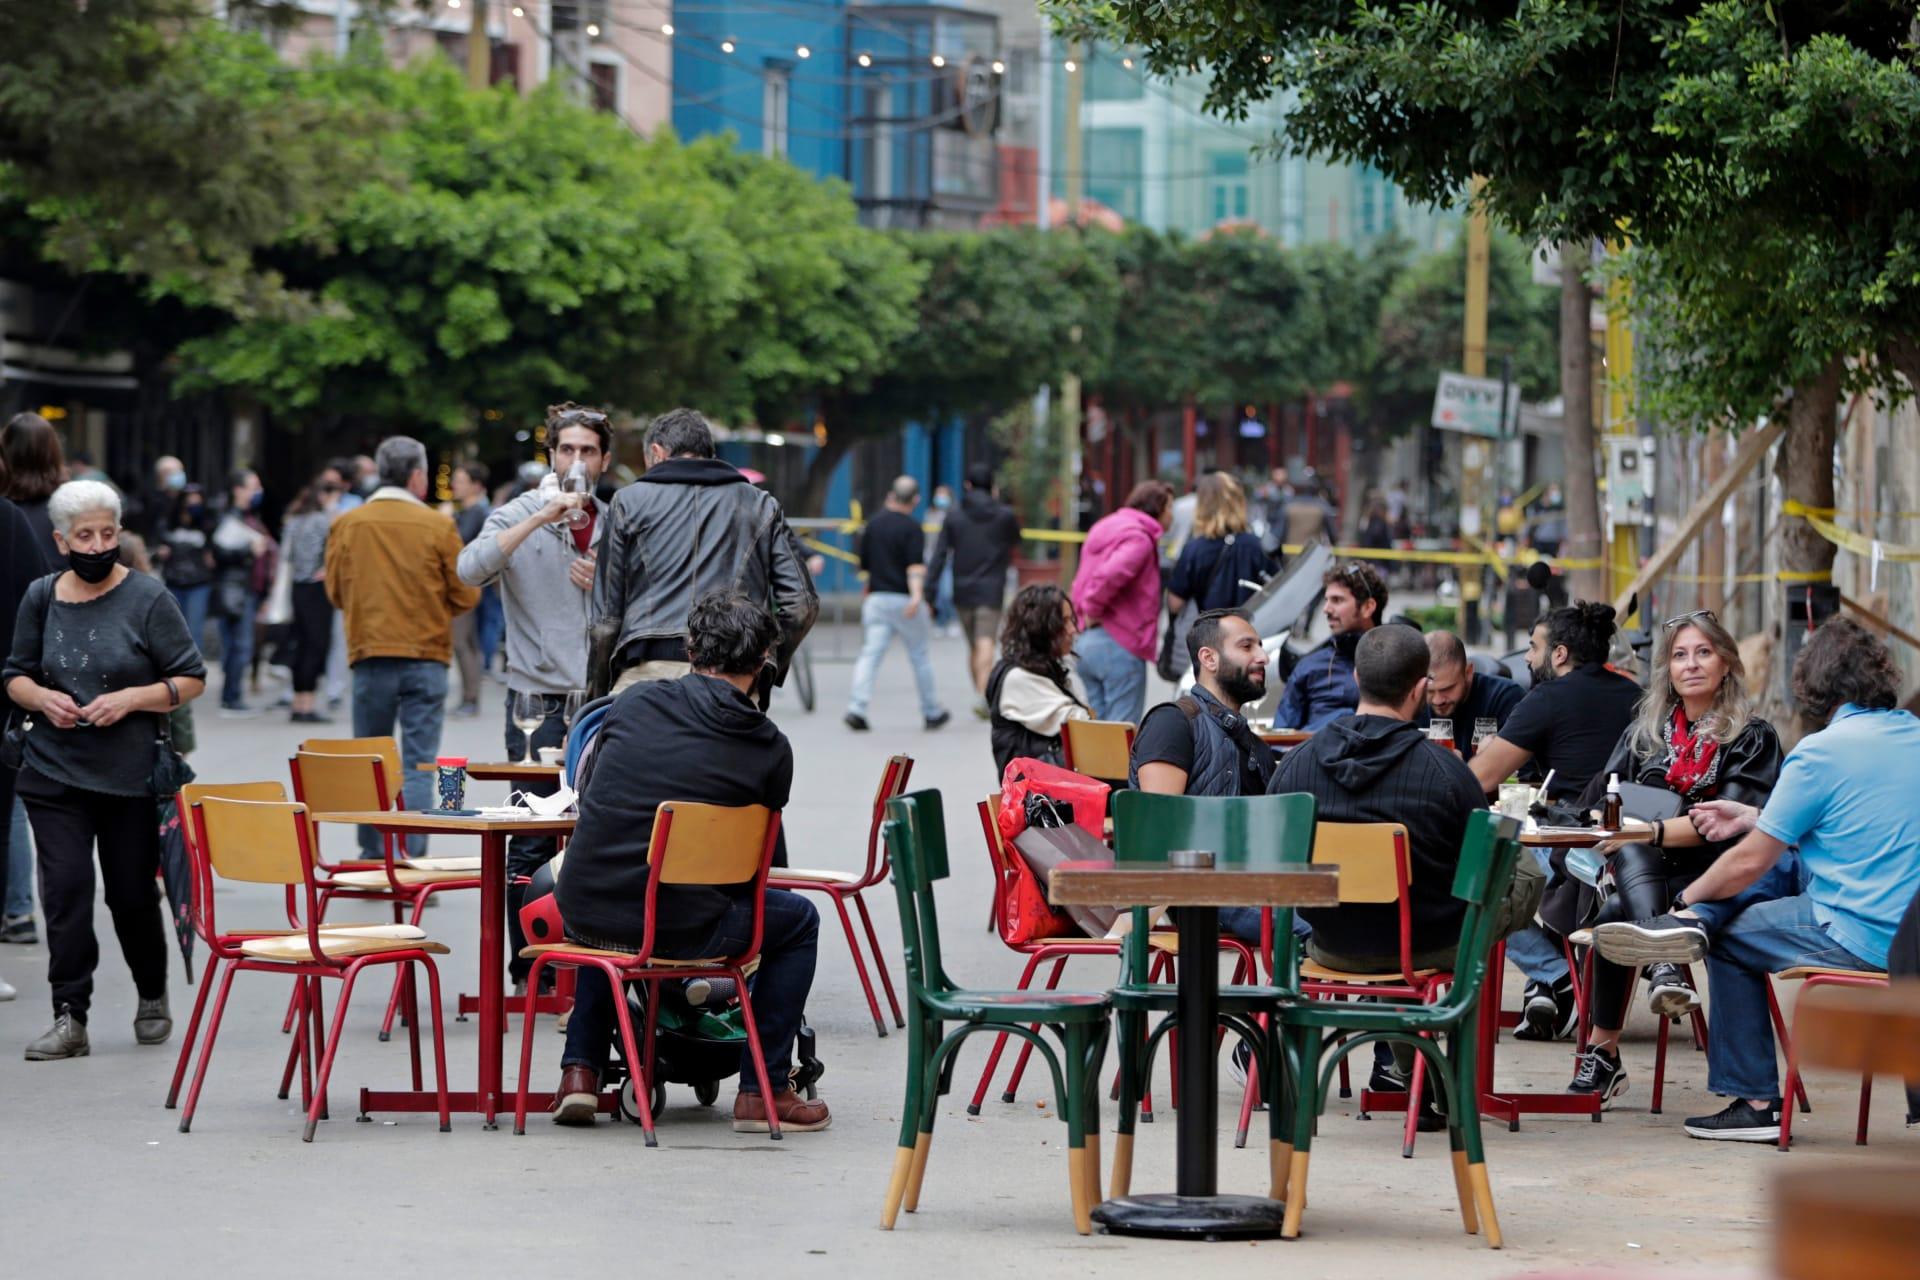 لبنان يسجل أعلى معدل يومي لإصابات فيروس كورونا لليوم الثاني على التوالي